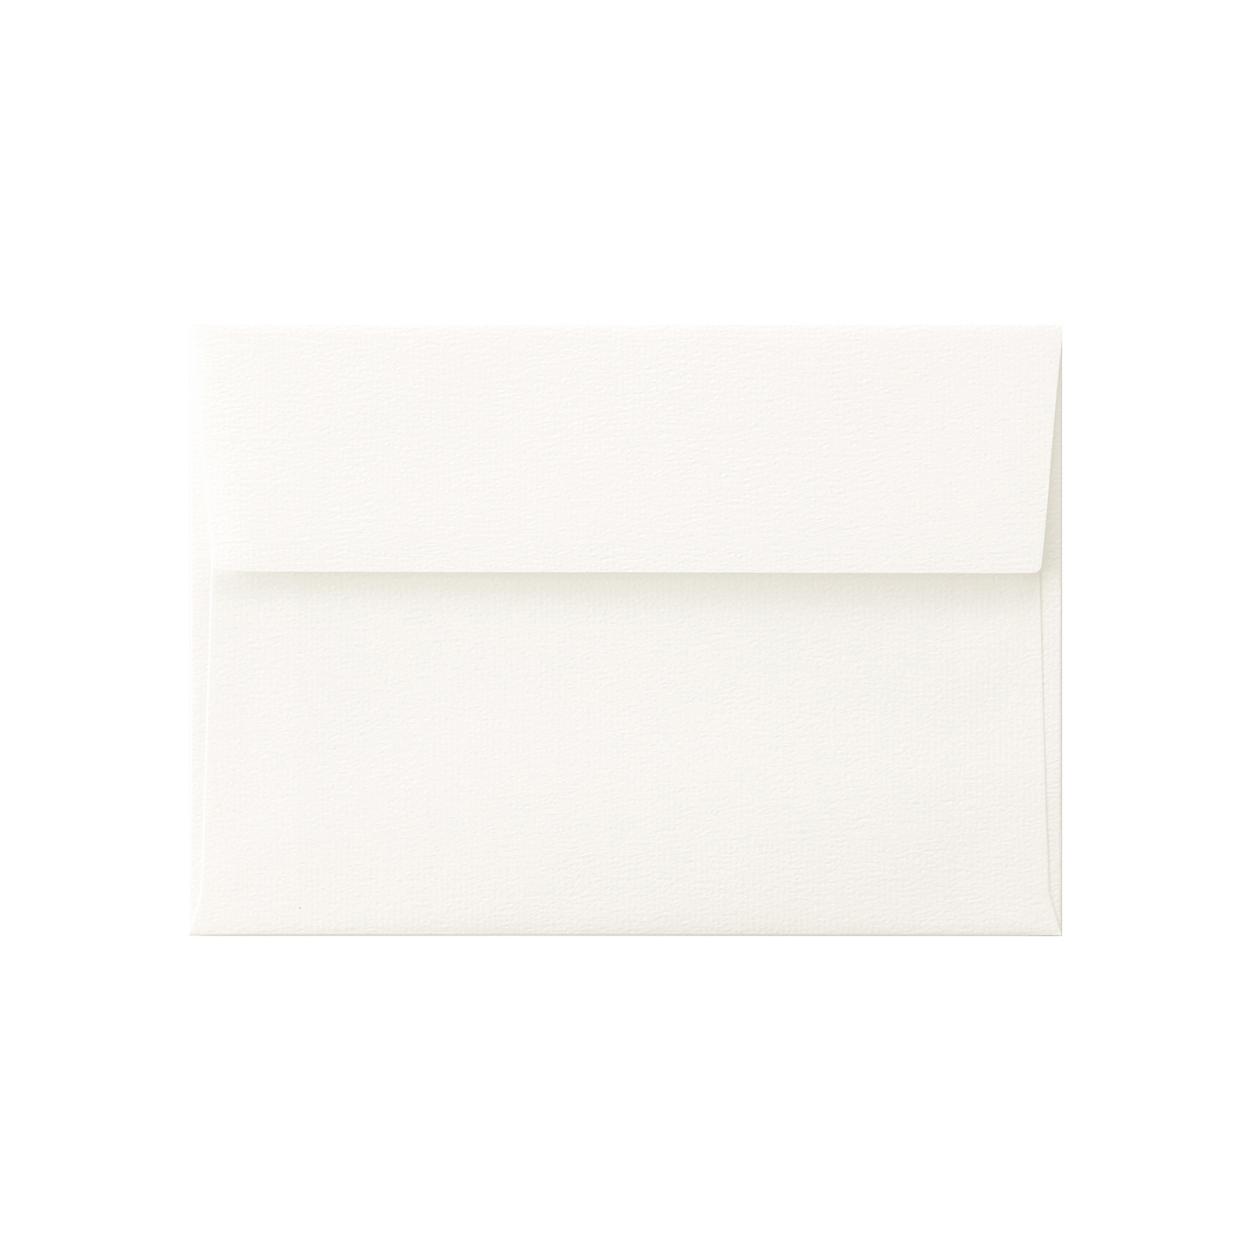 洋2カマス封筒 ボス ユキ 104.7g